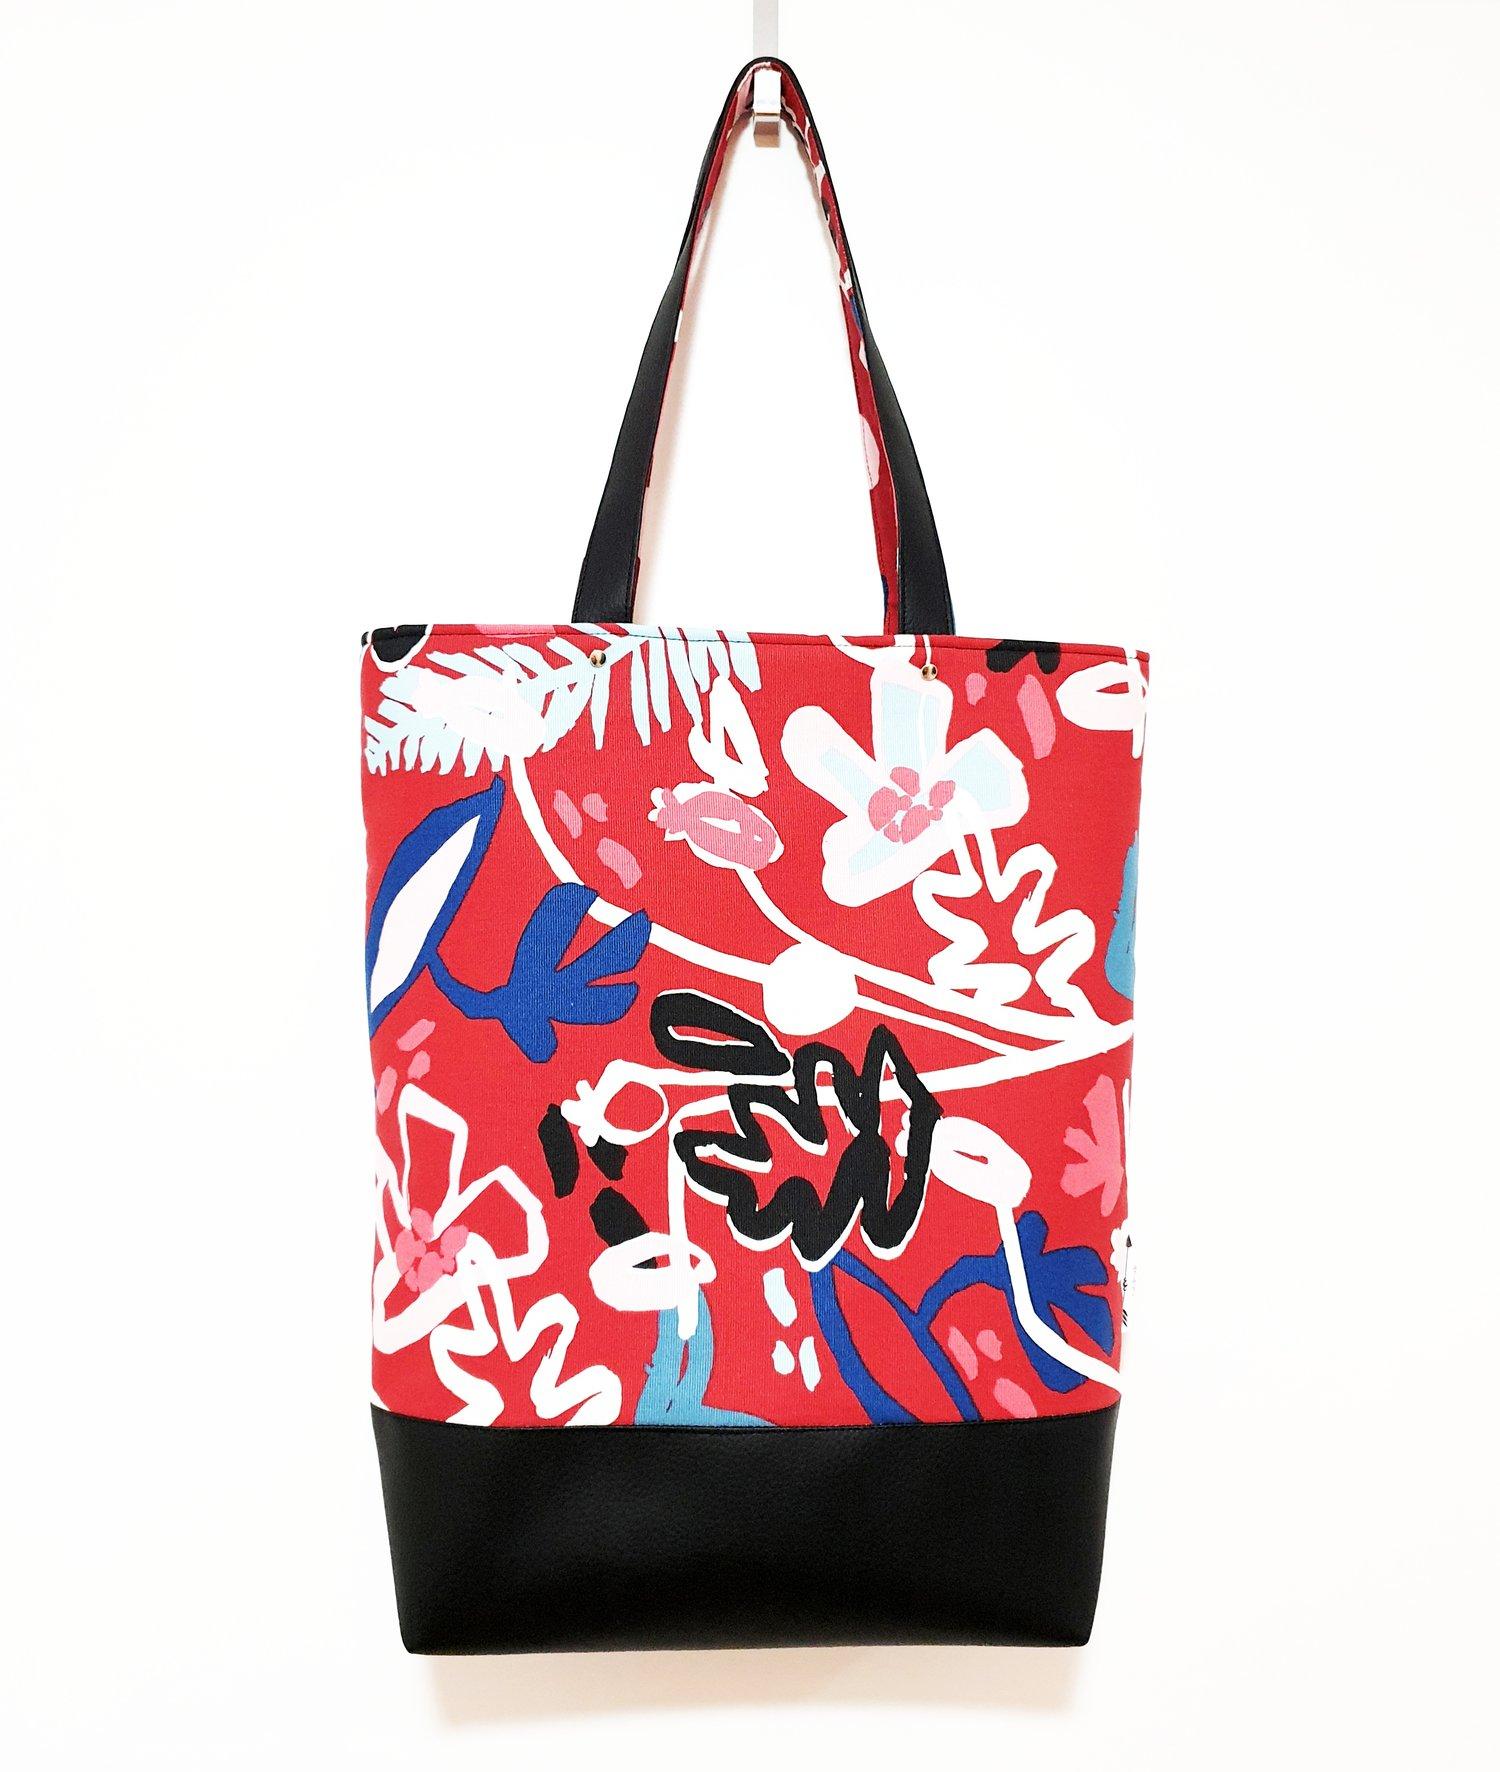 Image of Torba Diva / Shoulder bag Diva